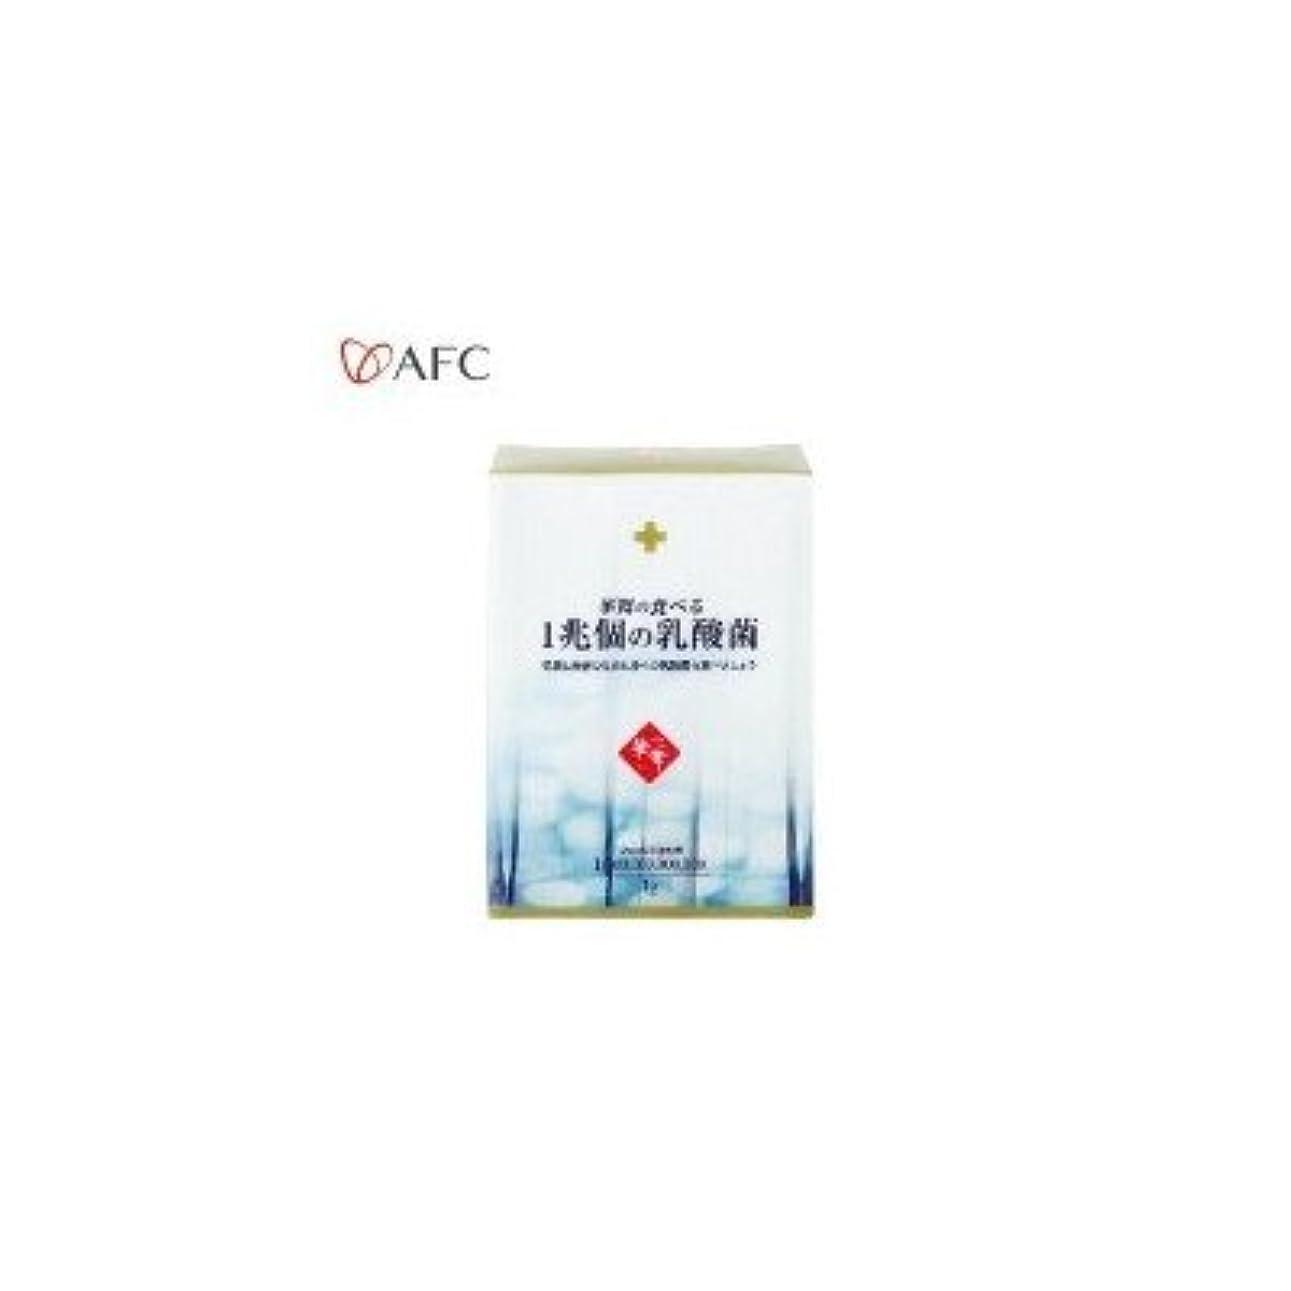 鷹パケットしかしAFC 華舞シリーズ 華舞の1兆個の乳酸菌 スティックタイプ 30g(1g×30本) 3222 爽やかなヨーグルト 持ち運びにも便利なスティックタイプ